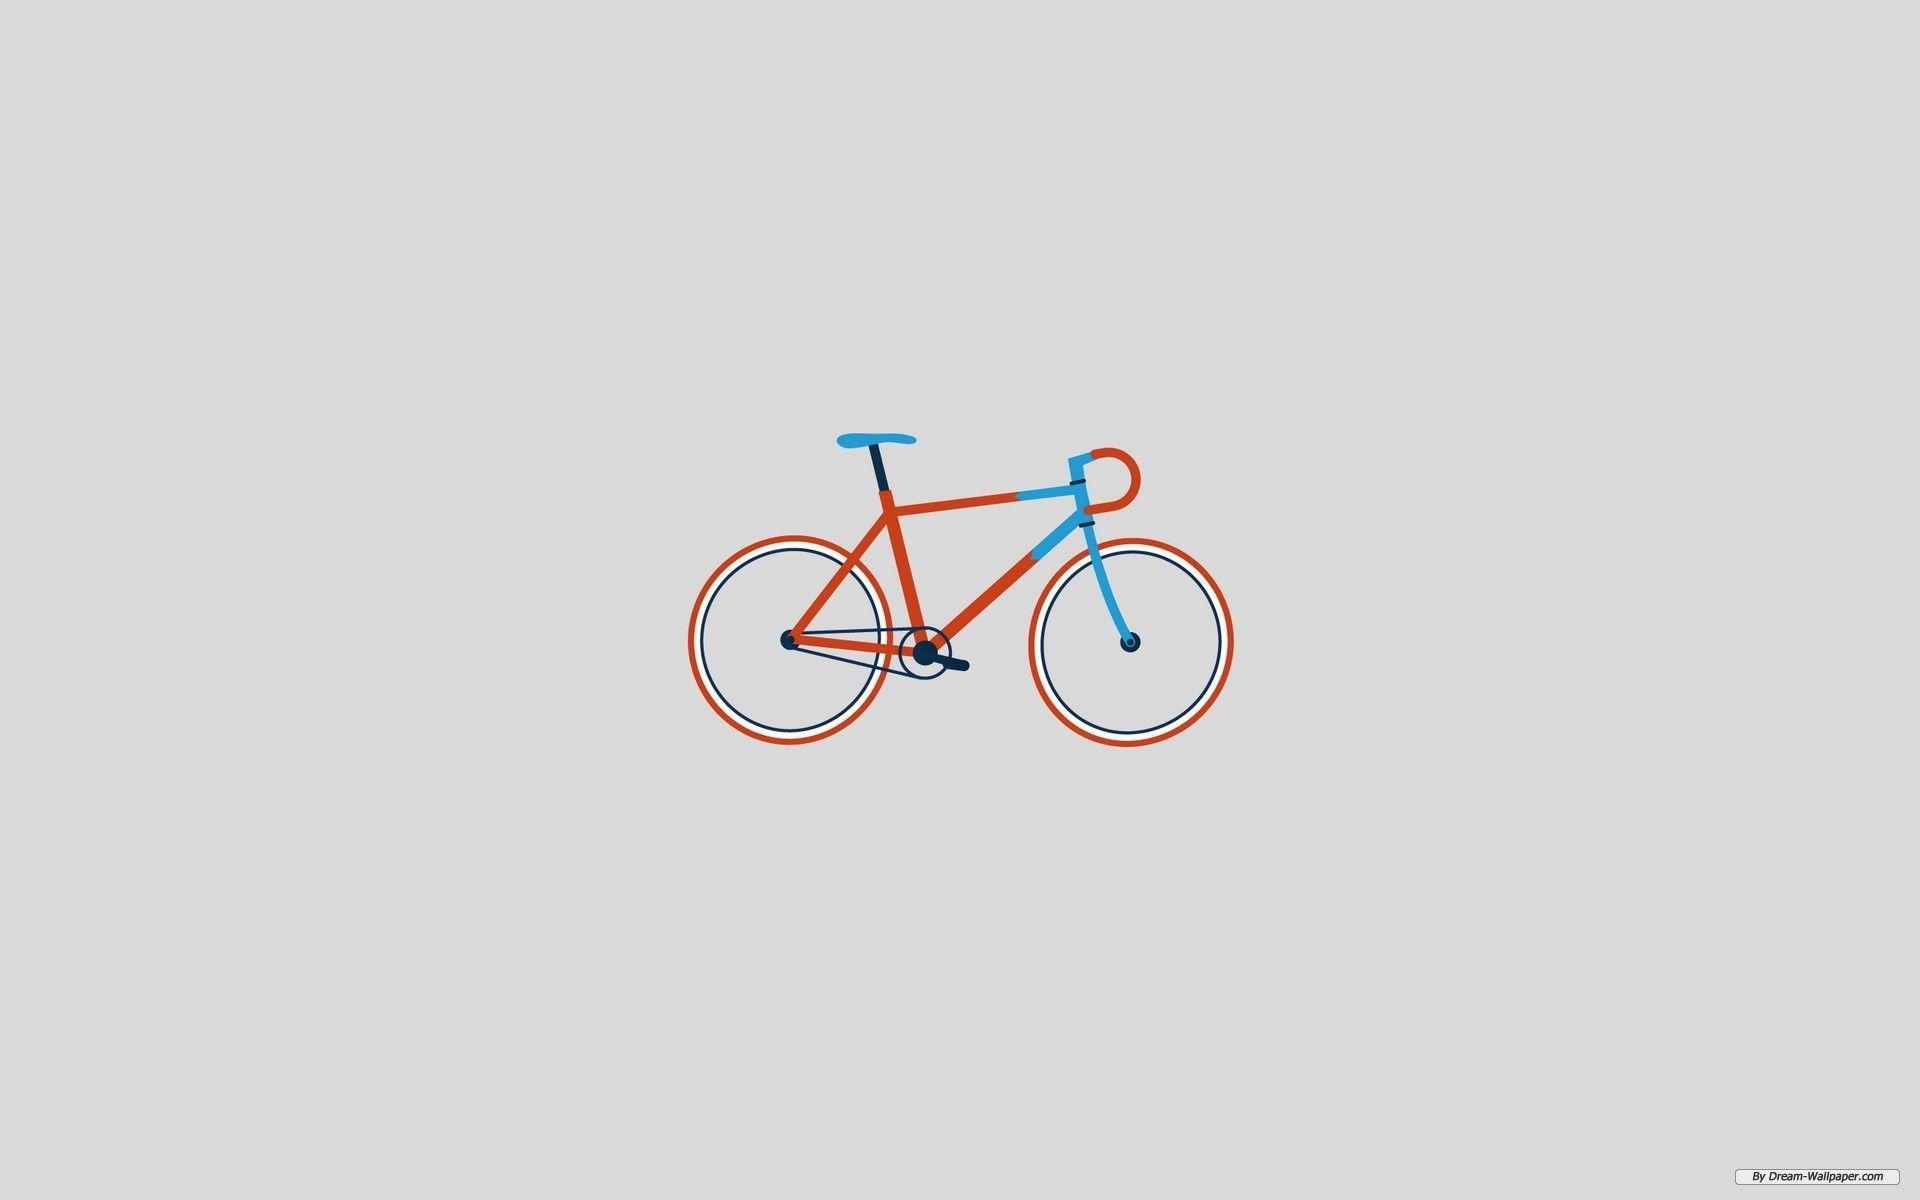 Hình nền miễn phí 1920x1200 - Hình nền nghệ thuật miễn phí - Hình nền thiết kế tối giản 1